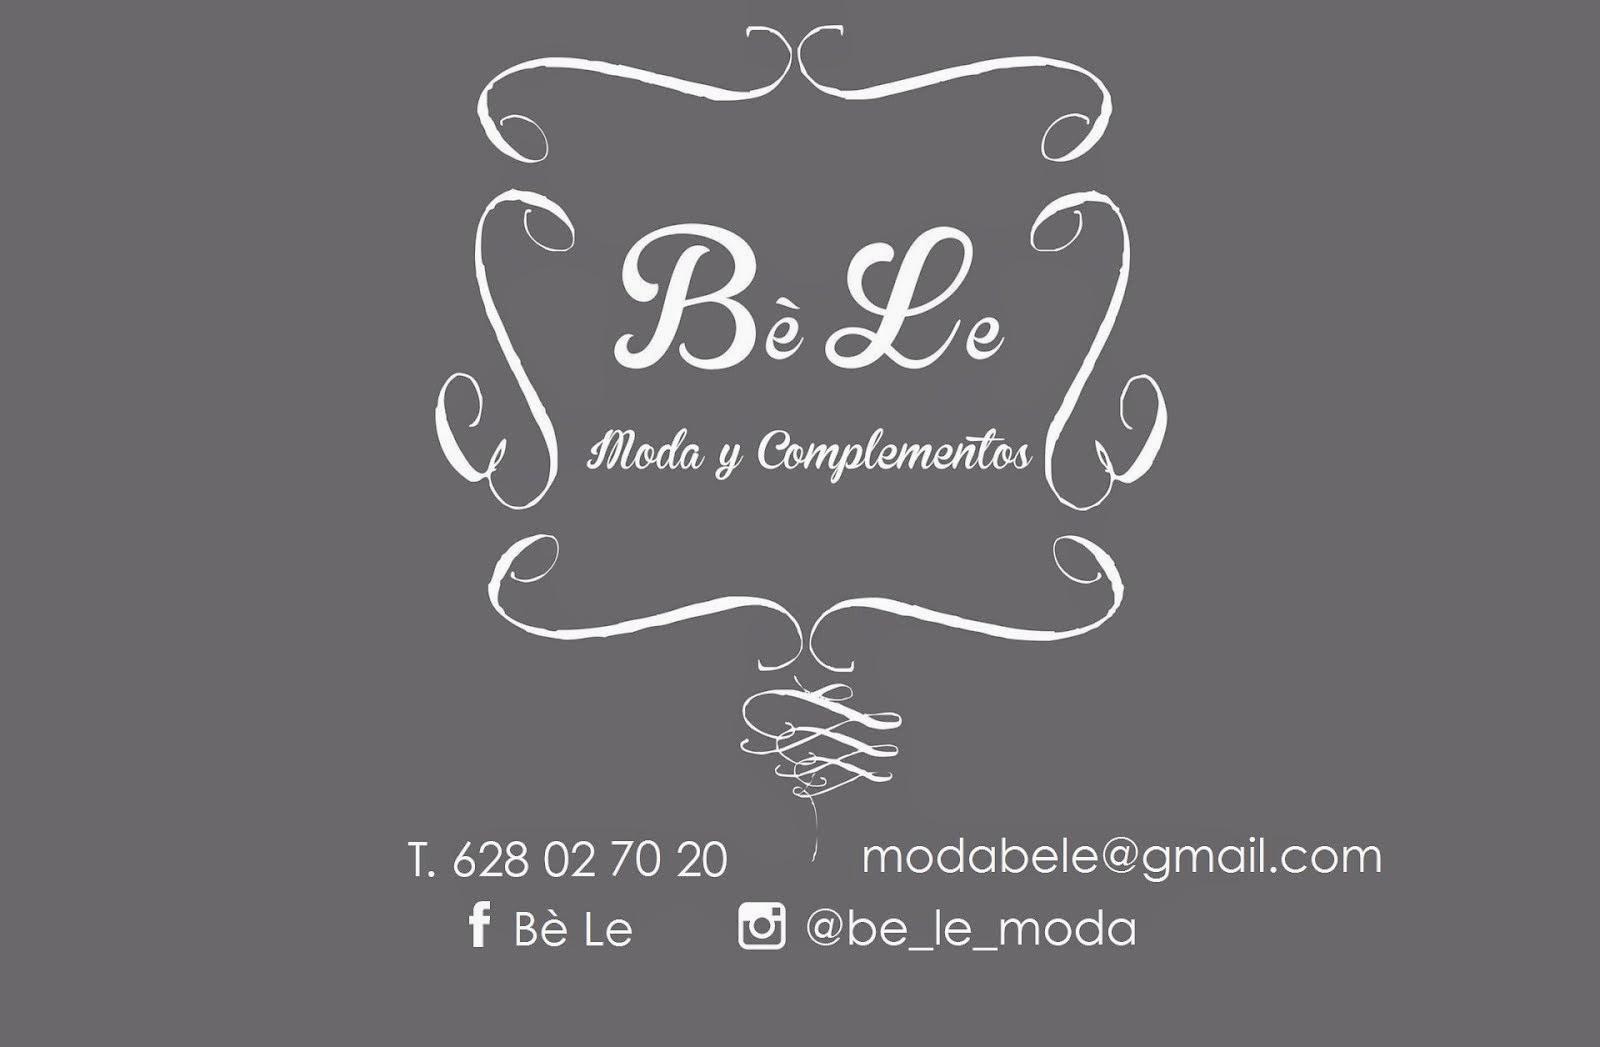 Bè Le